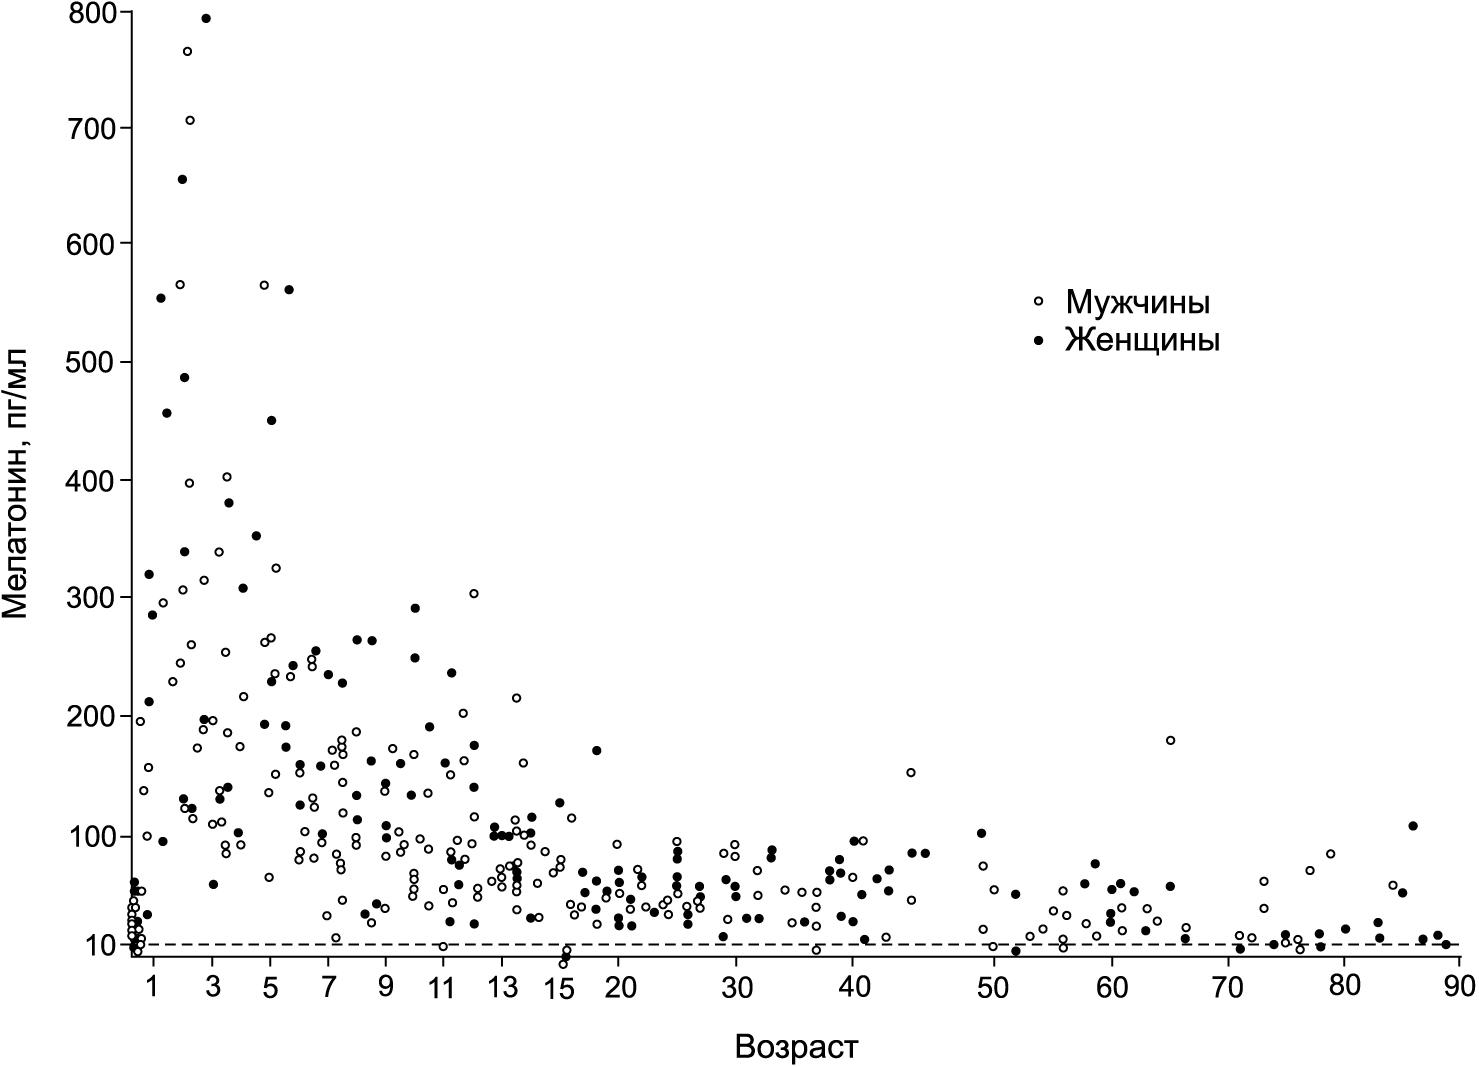 Концентрация МЛТ в сыворотке в ночное время у 367 субъектов (210 мужчин и 157 женщин) в возрасте от 3 дней до 90 лет.